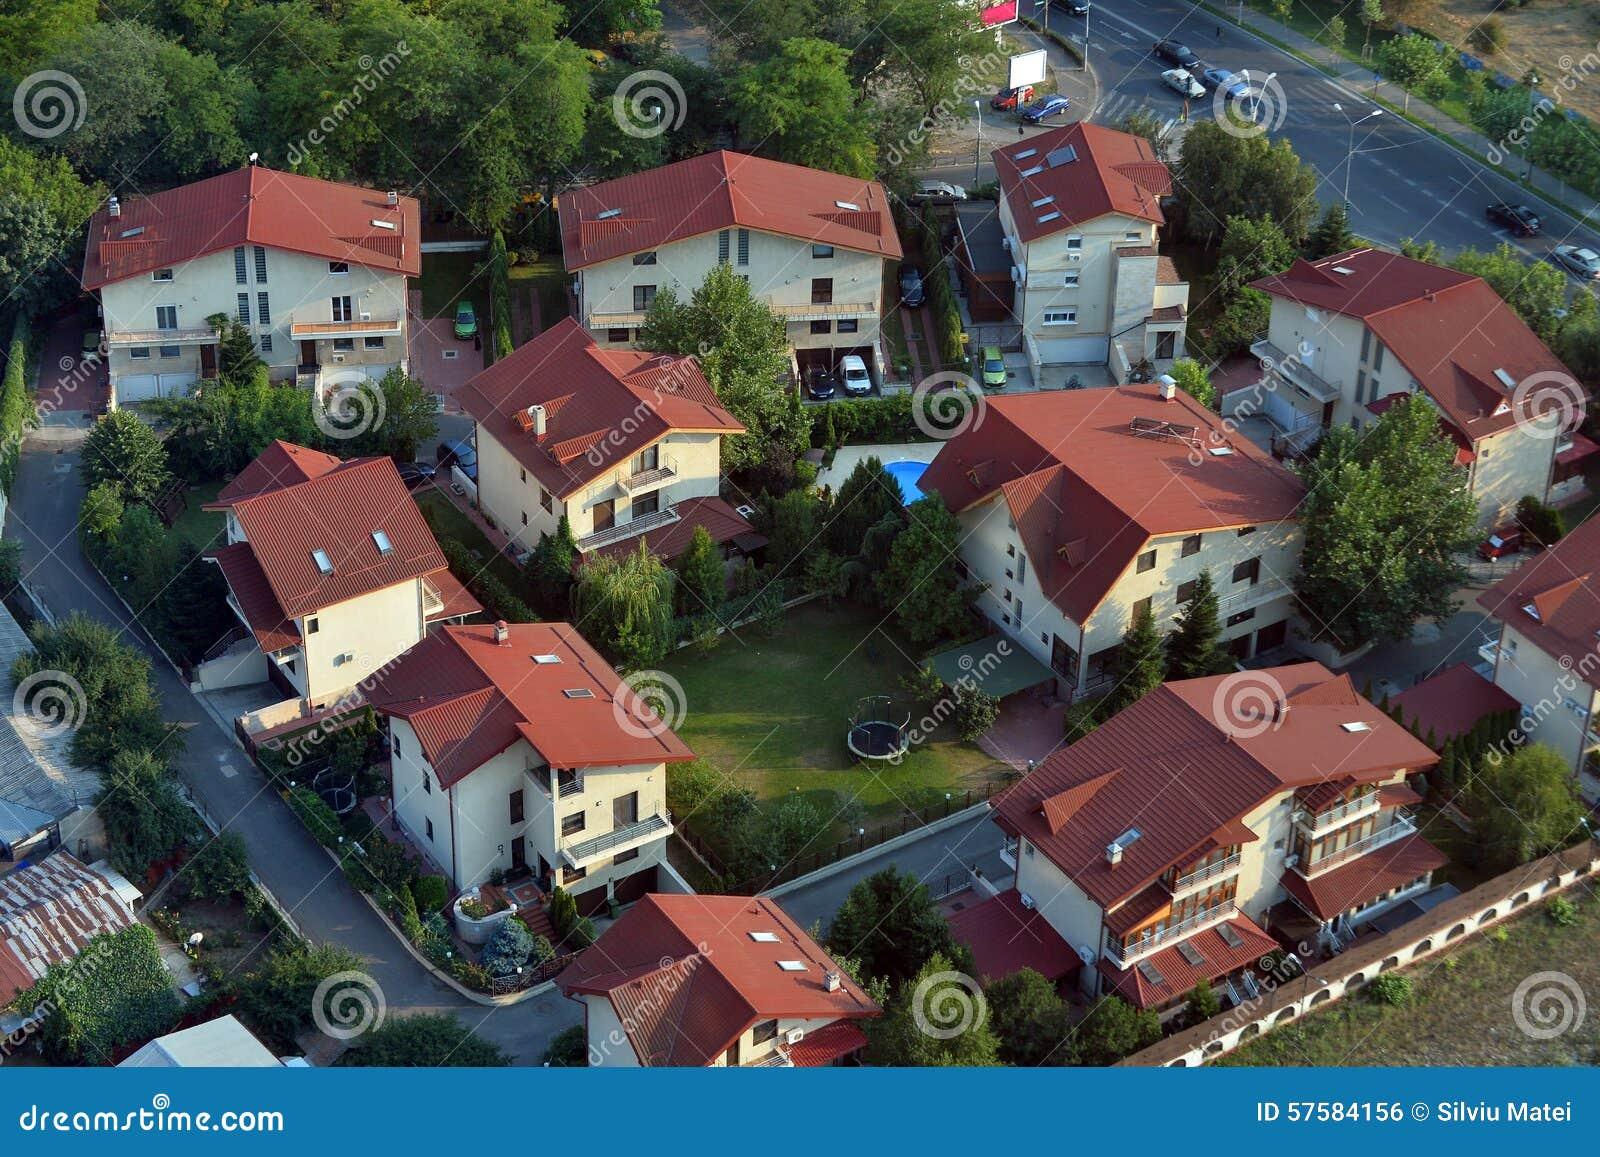 Moderne Nachbarschaft Mit Modernen Häusern Stockfoto - Bild von ...